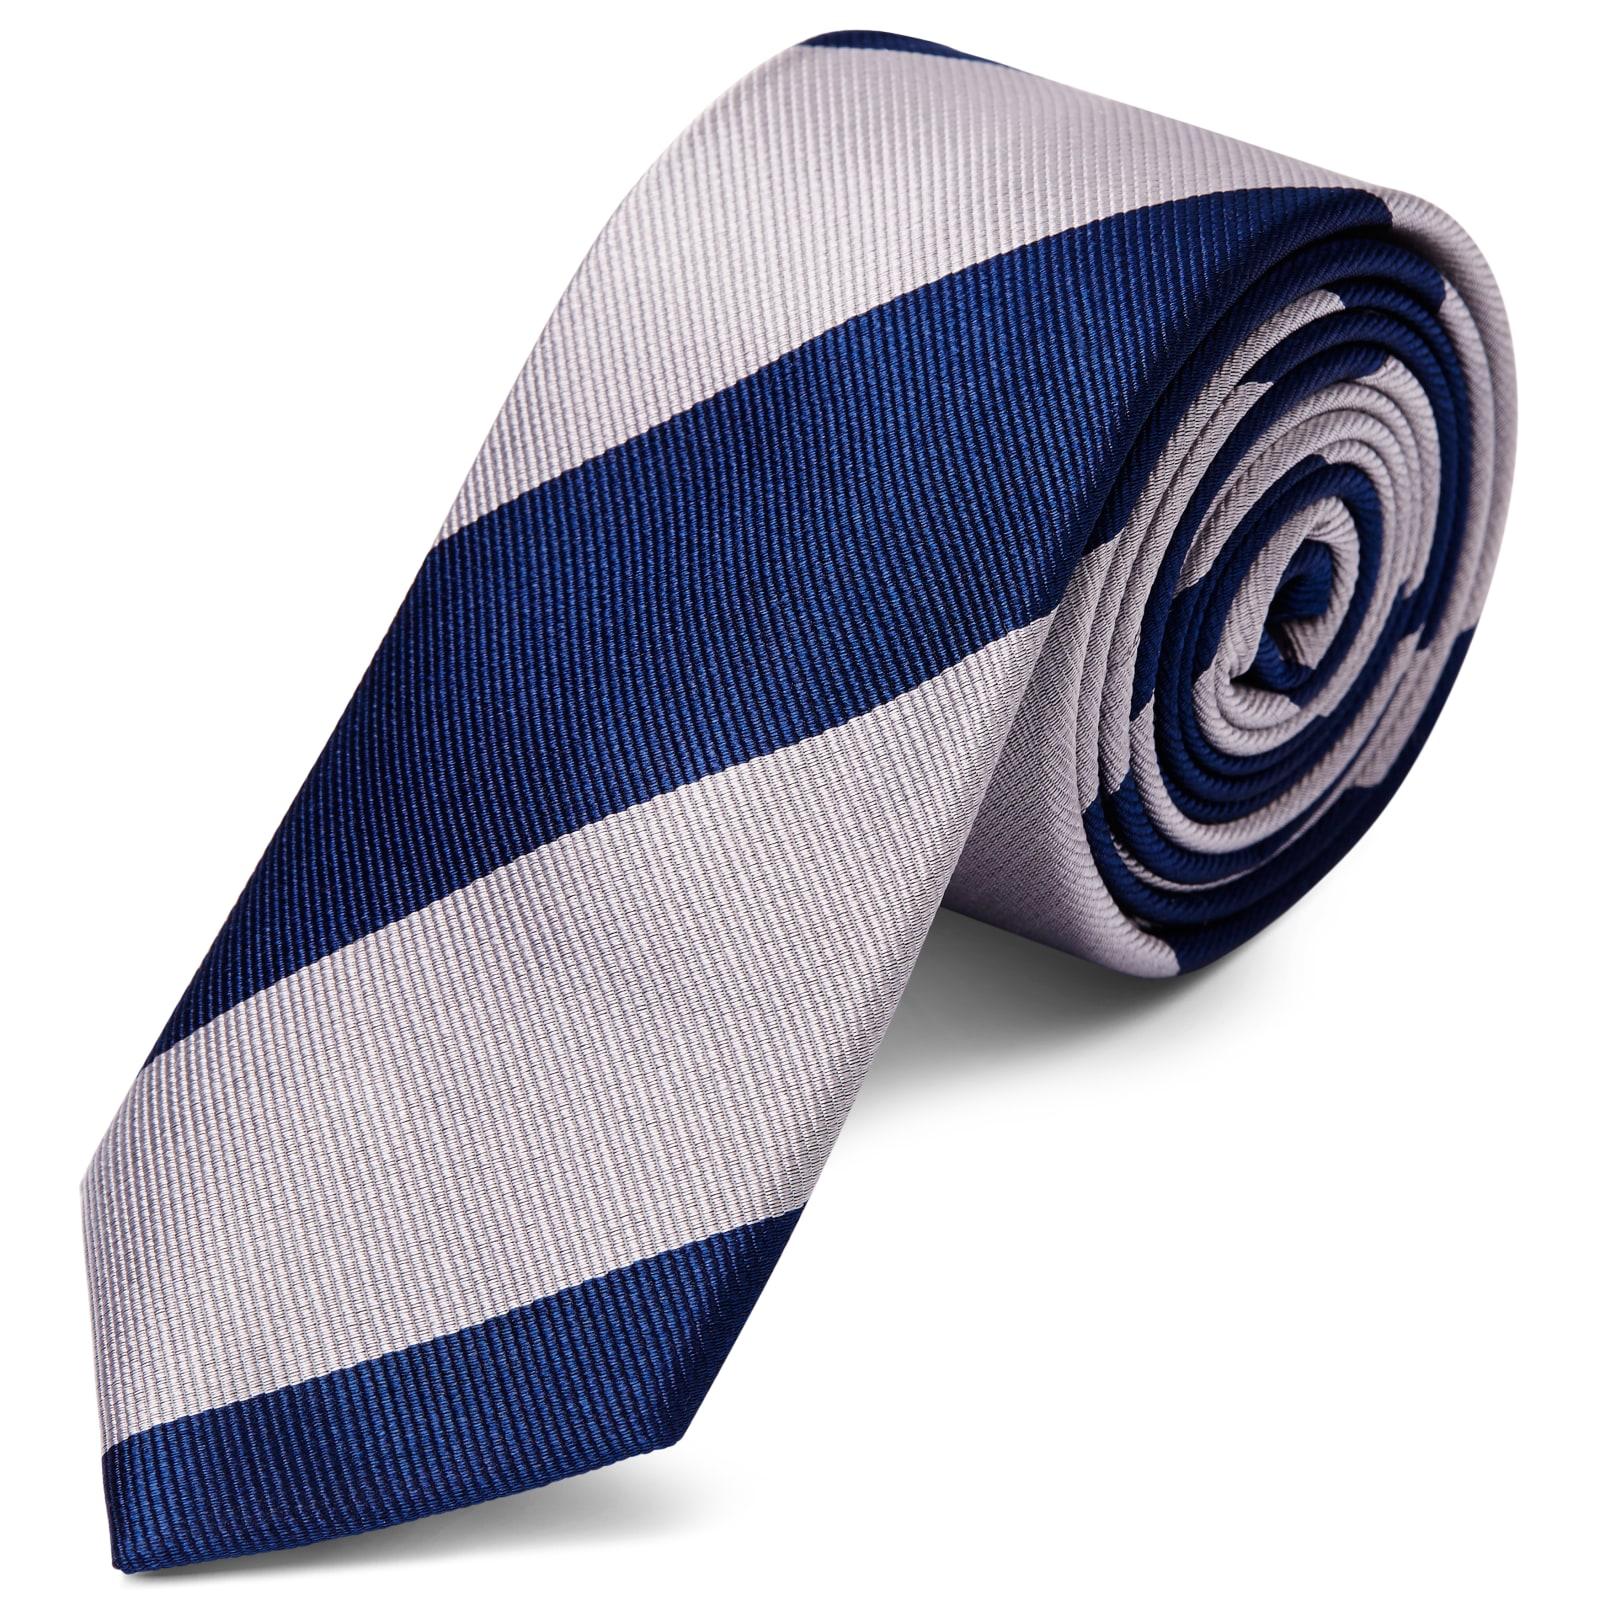 regarder homme Vente chaude 2019 Cravate en soie à rayures argent et bleu marine - 6 cm